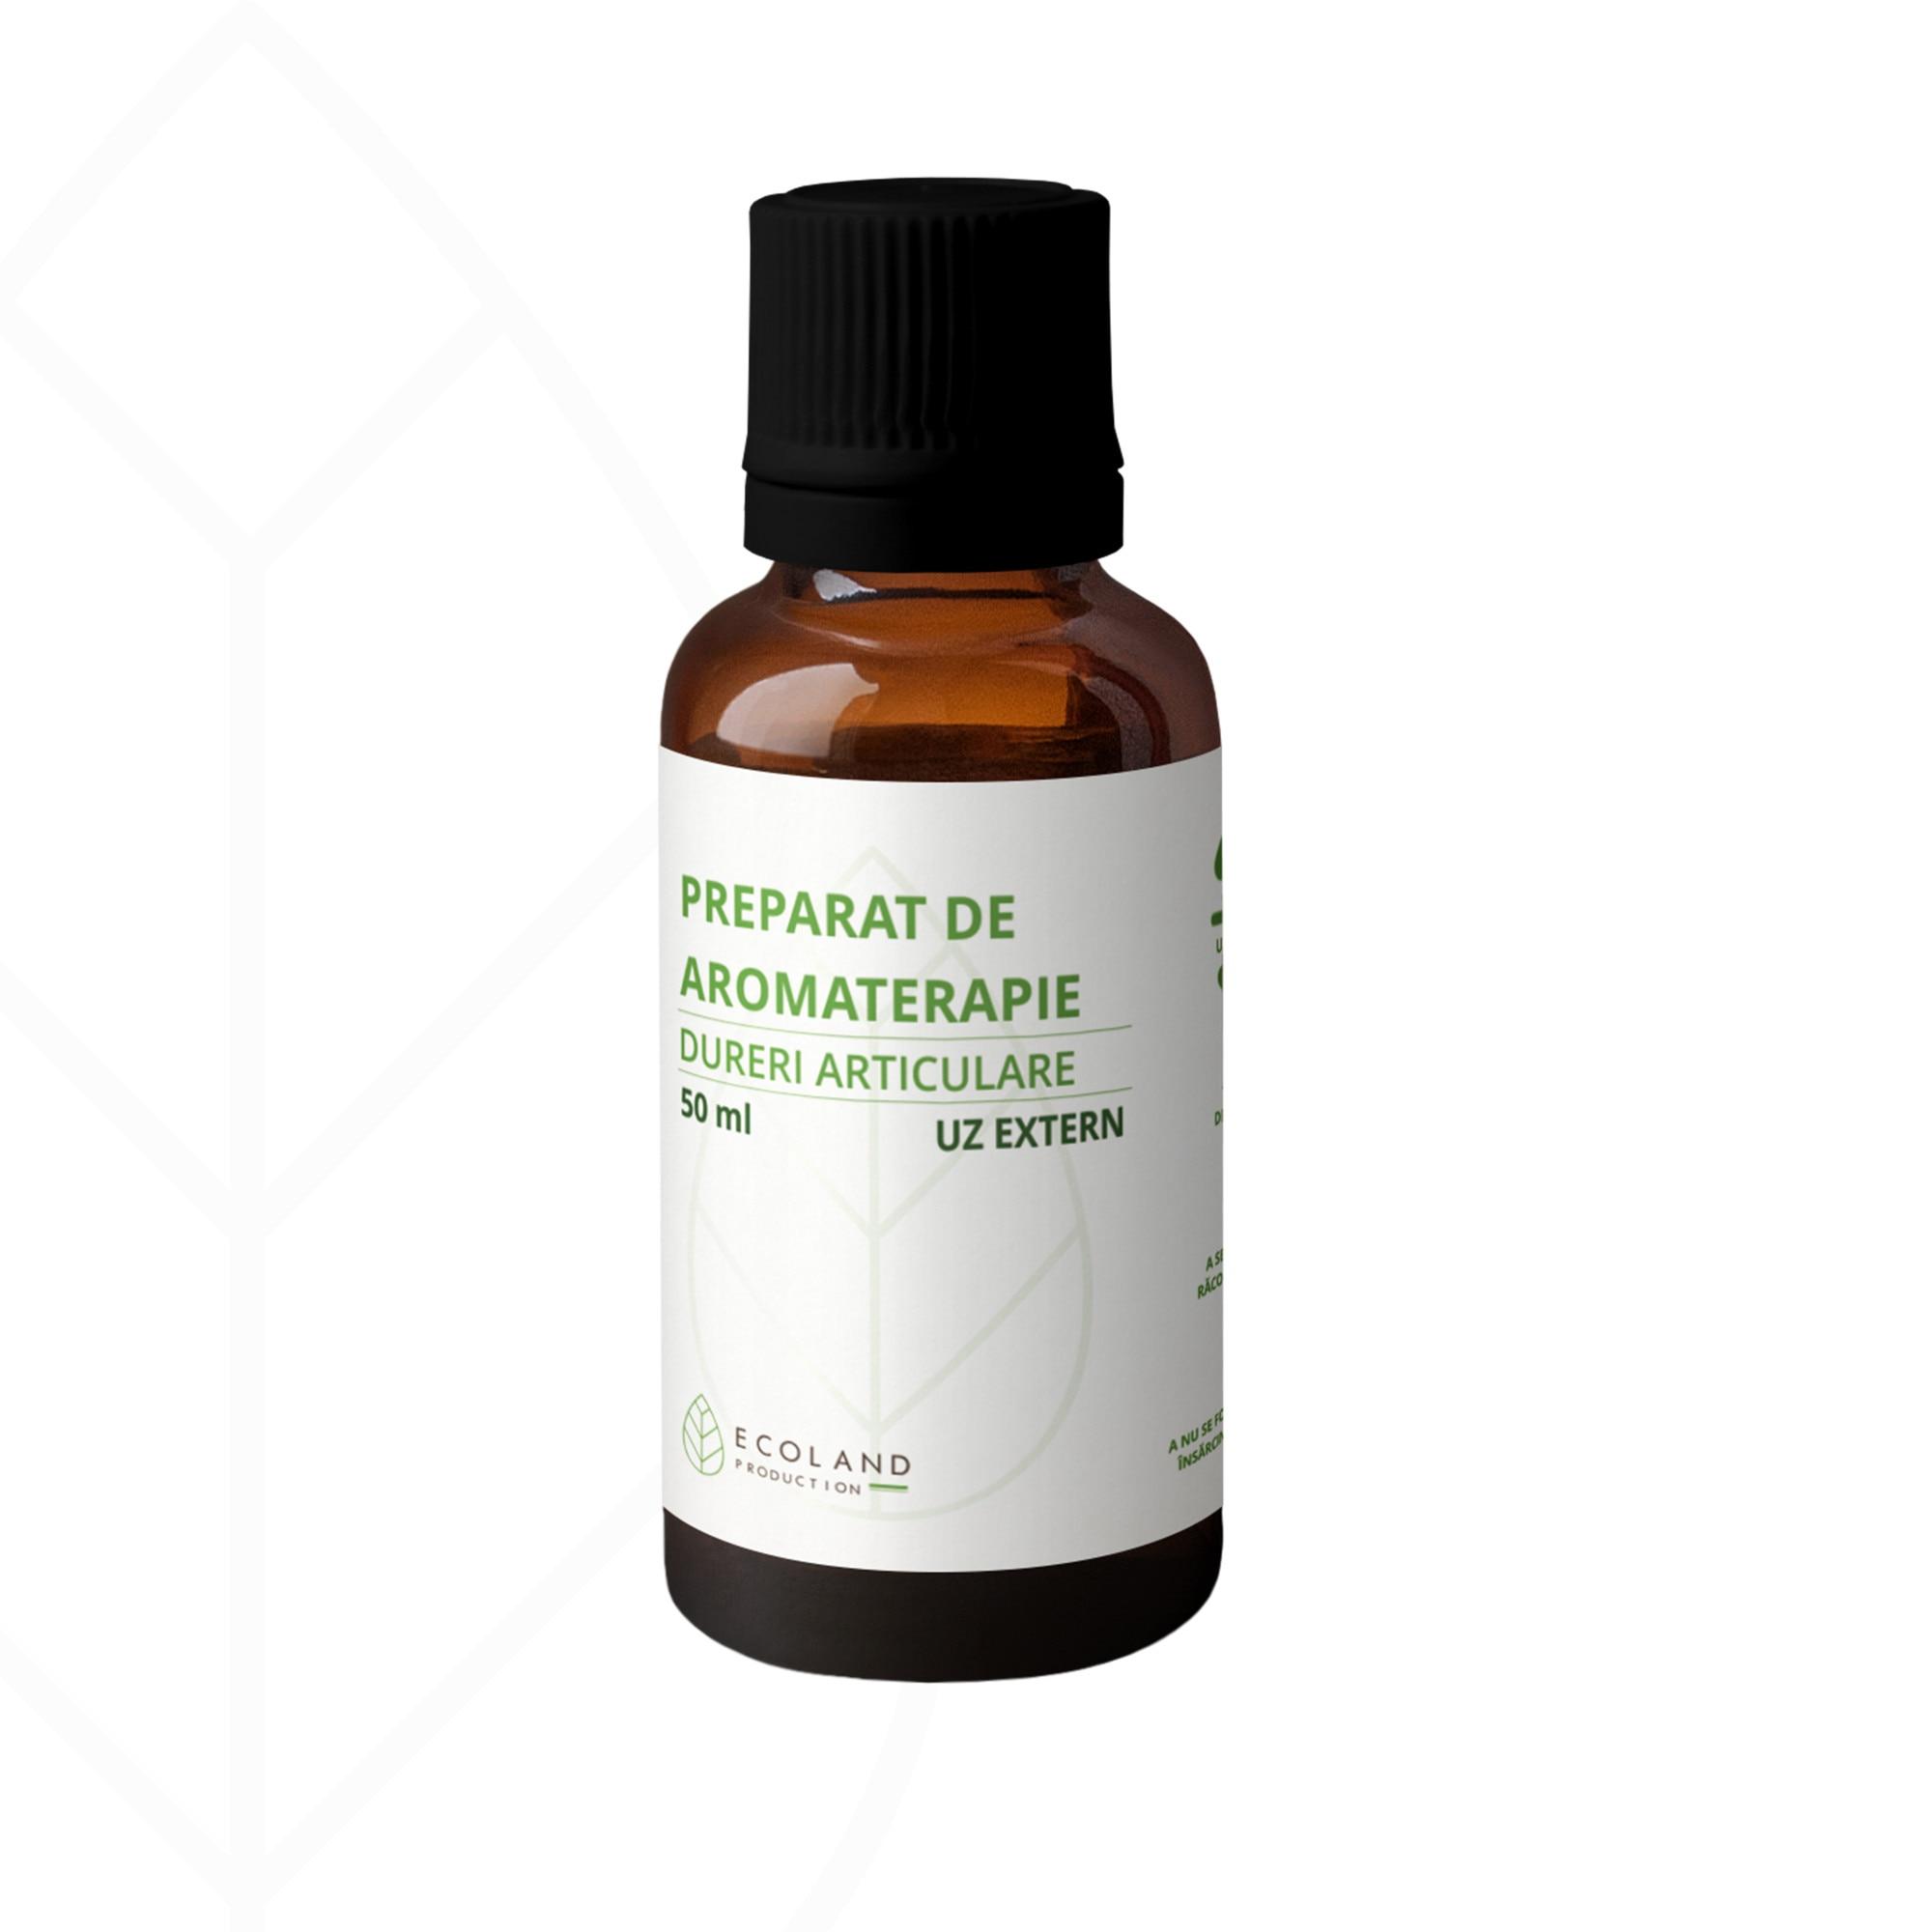 ulei vegetal pentru dureri articulare medicamente pentru fonoforeză pentru inflamația articulară